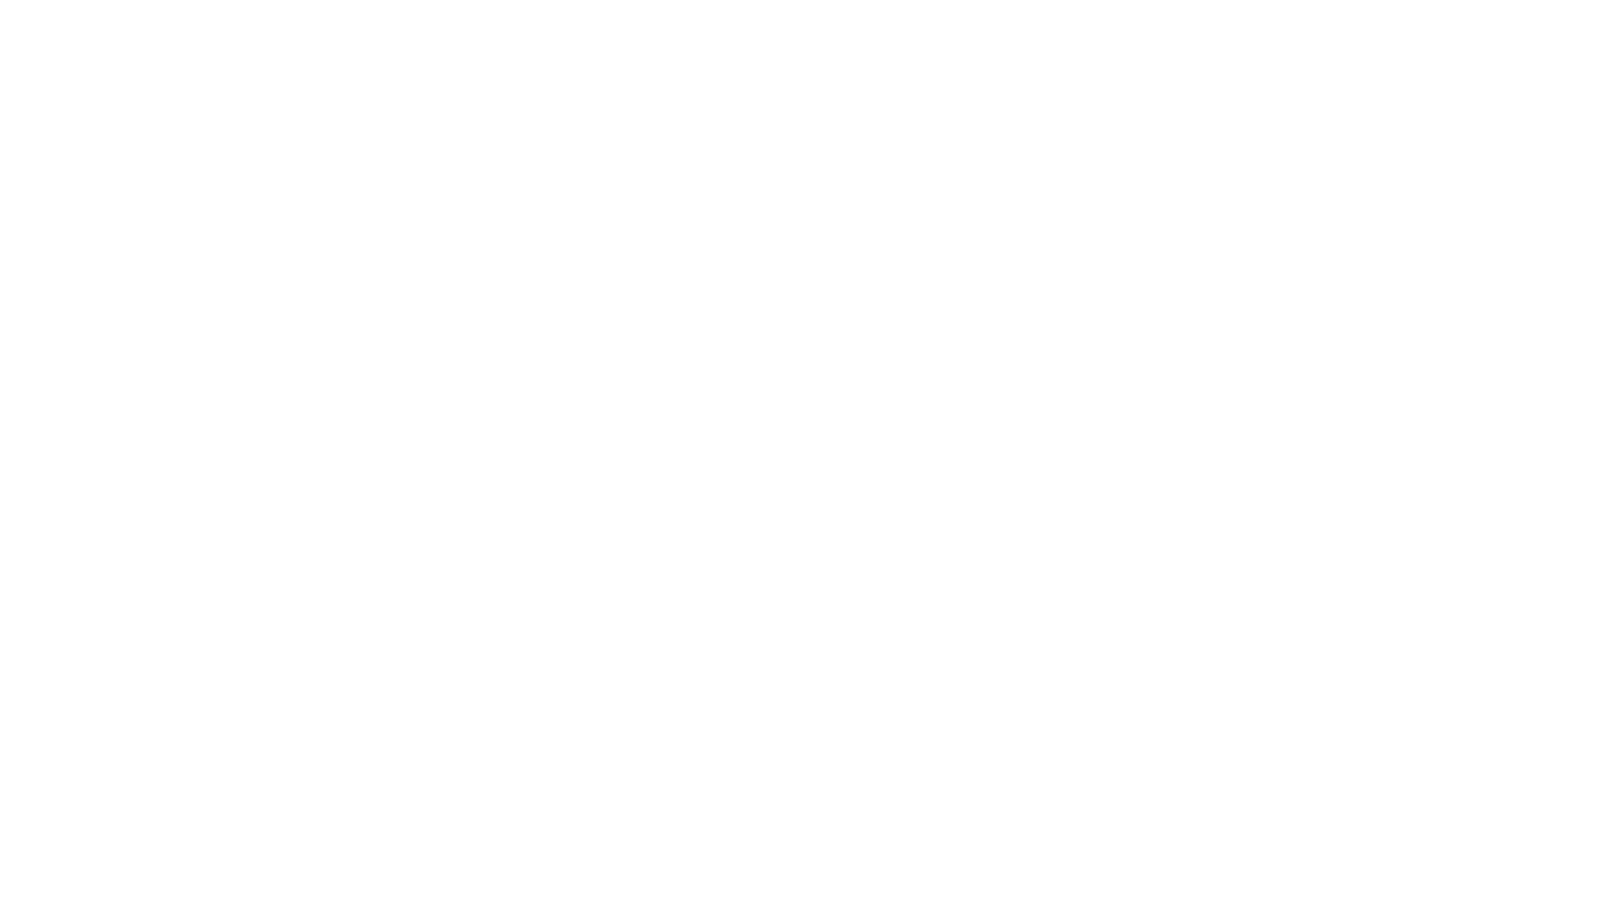 #紐西蘭 #皇后鎮   在紐西蘭努力生存的90後臺灣女生LiLing。 2018年第一次踏上紐西蘭的土地,體驗打工度假,後來轉為正式的工作簽證,目前在紐西蘭長期居留中。  -  紐西蘭的小事紀錄: www.happenedinnz.com  Instagram: www.instagram.com/happenedinnz